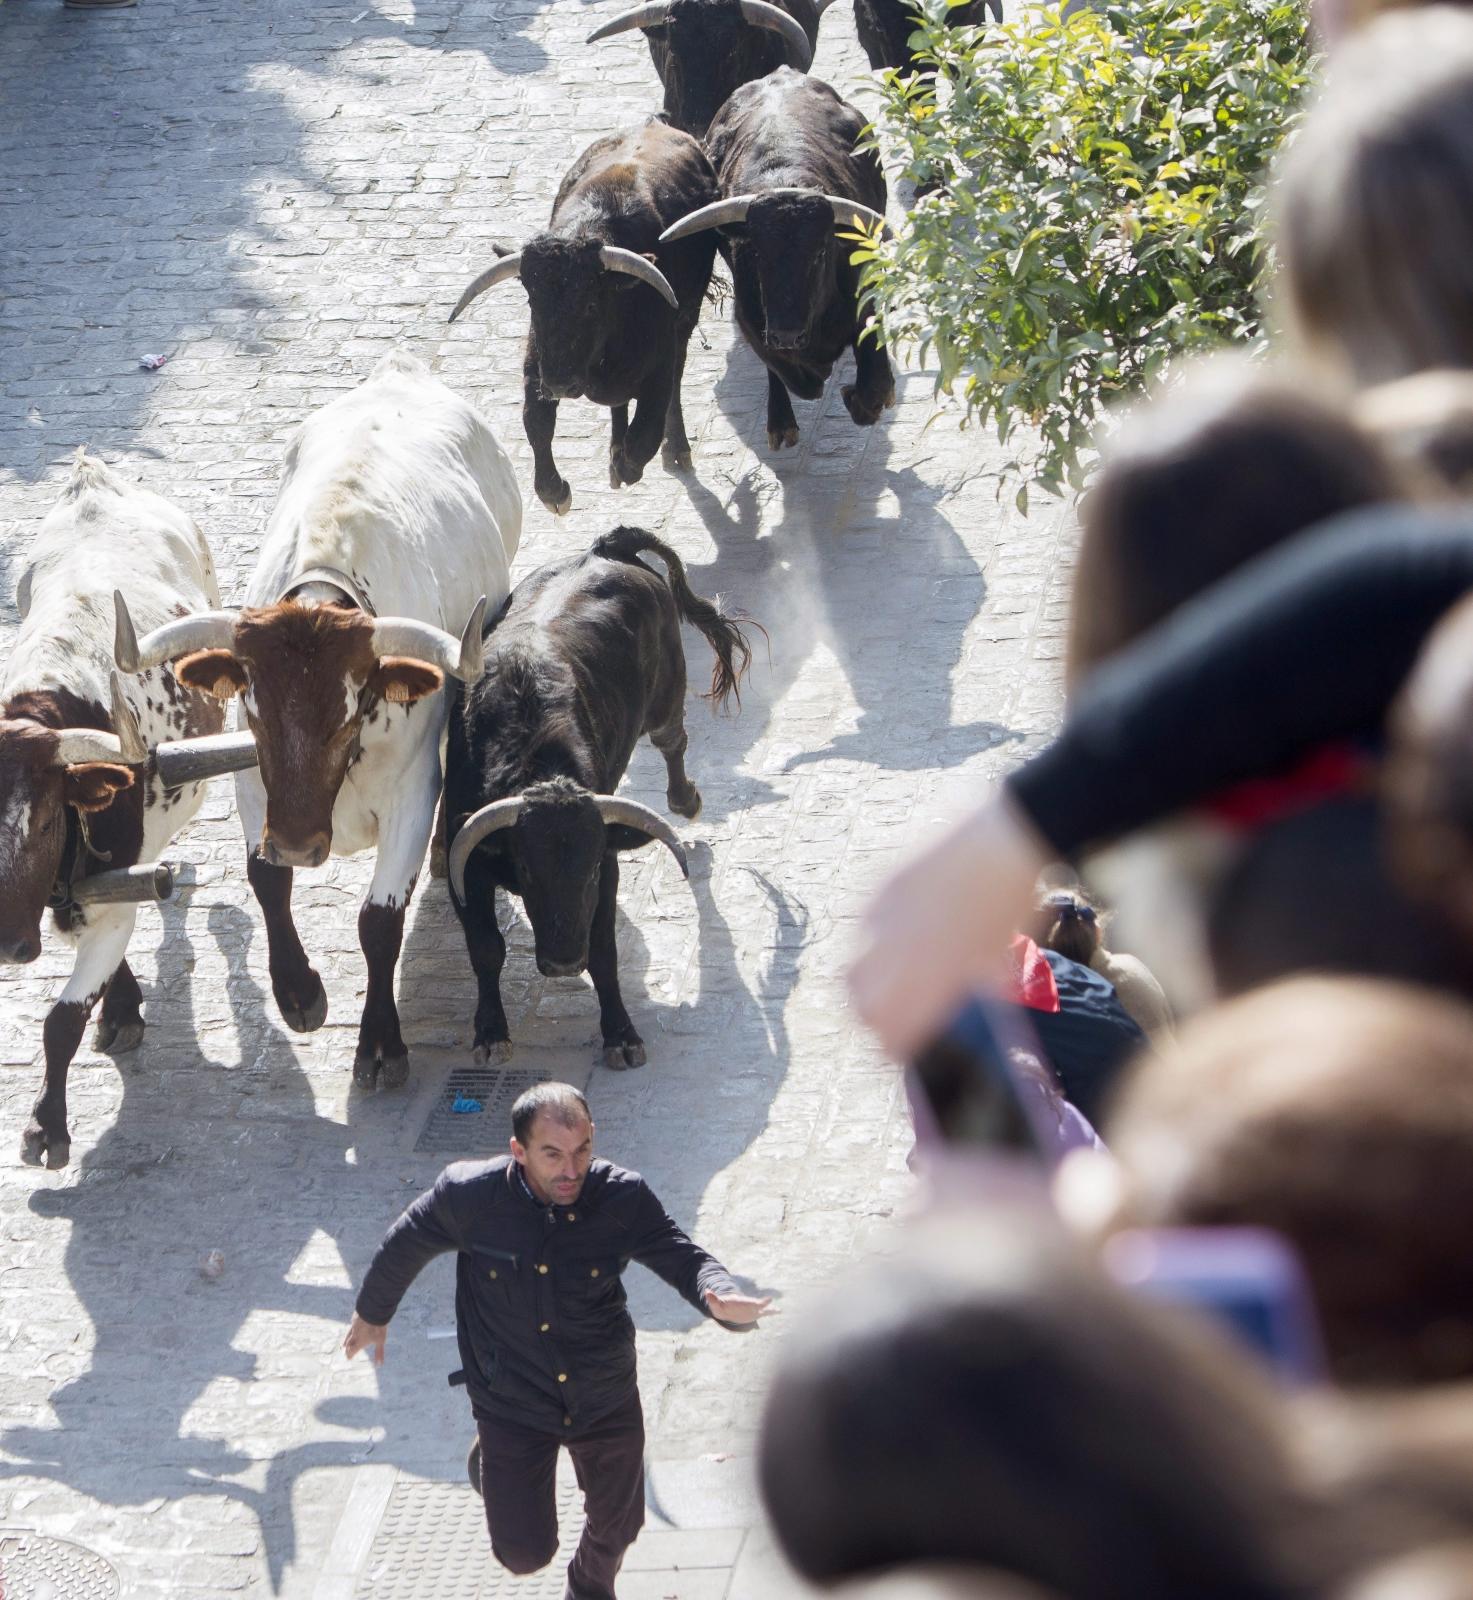 Festiwal San Sebastian - gonitwa byków w La Puebla del Rio, w Hiszpanii. Fot. PAP/EPA/RAUL CARO